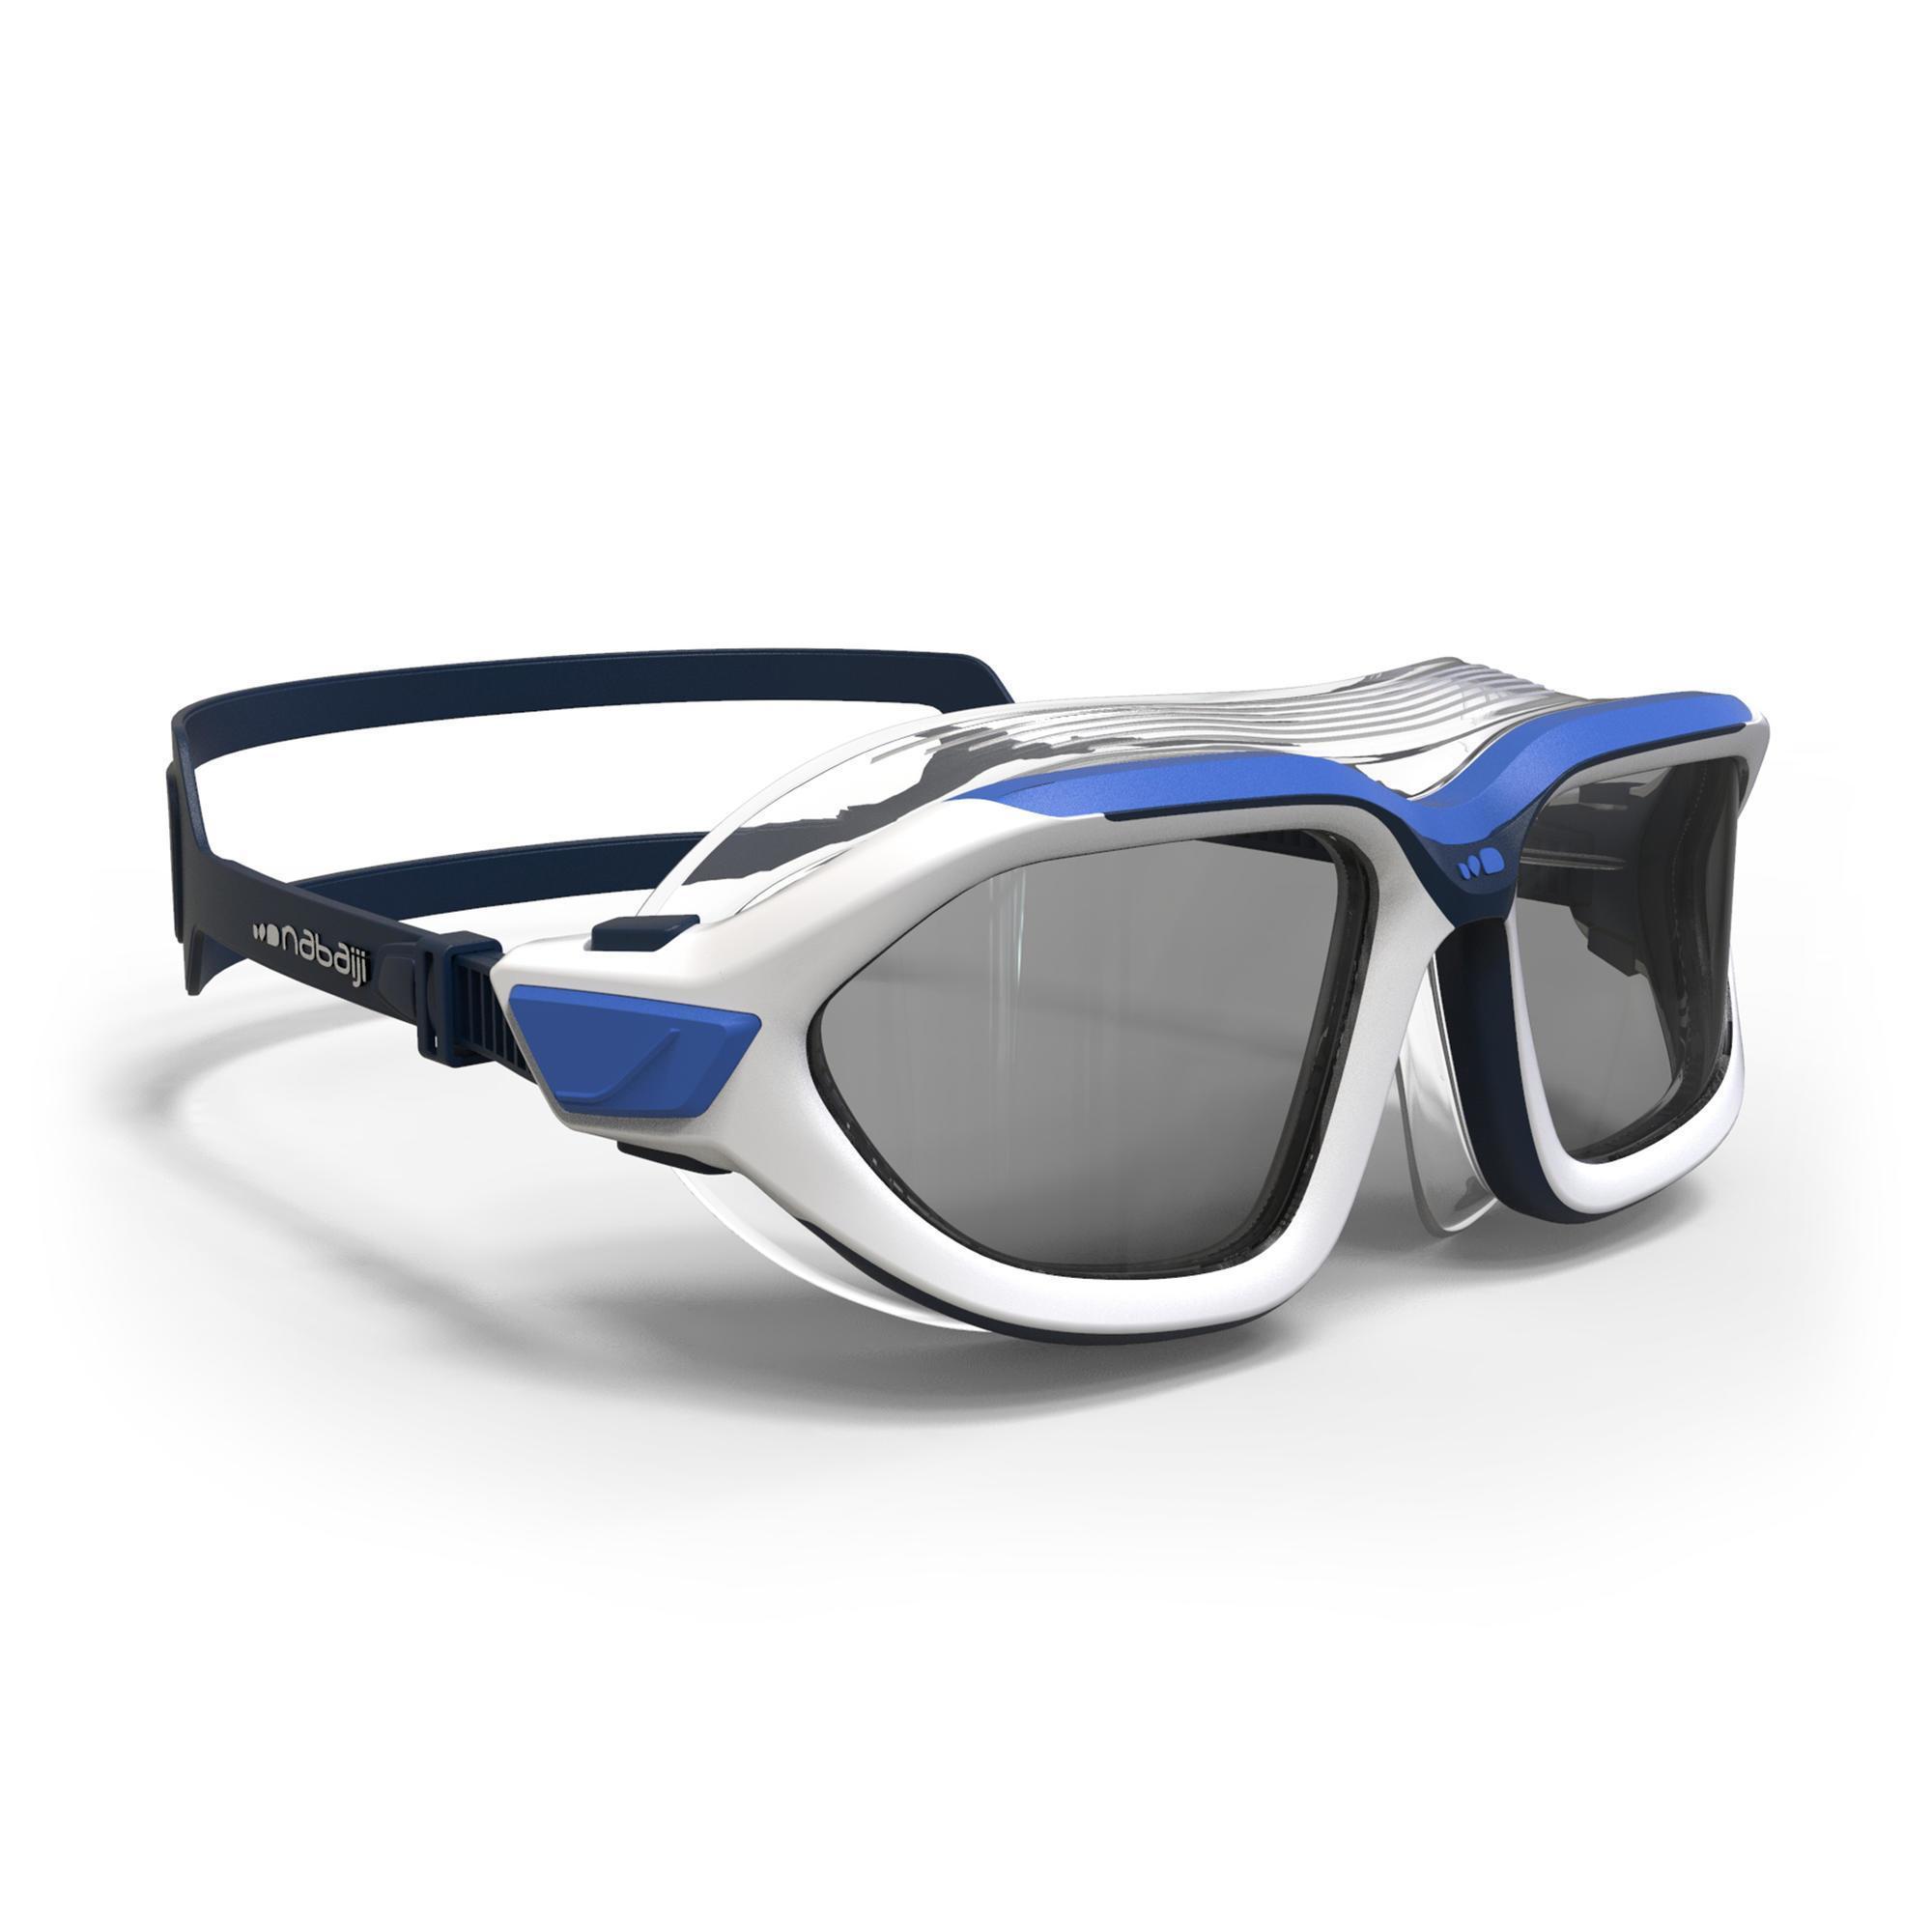 Masque De Natation 500 Active Taille L Blanc Bleu Verres Fumés dedans Velo Piscine Decathlon